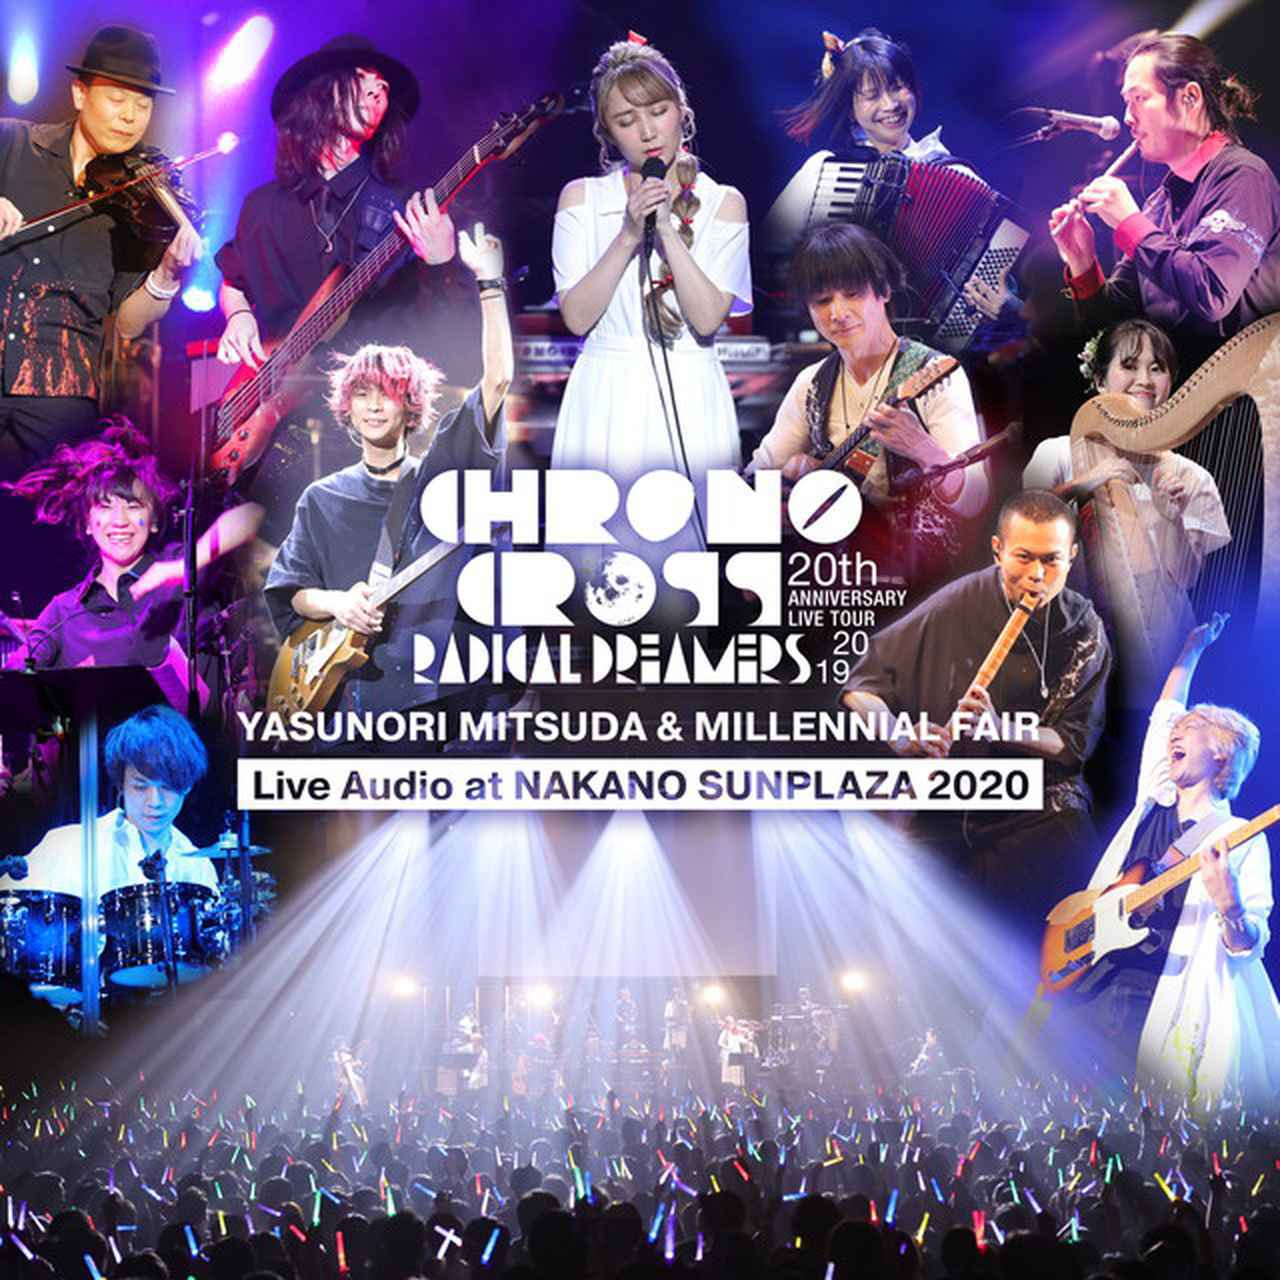 画像: CHRONO CROSS 20th Anniversary Live Tour 2019 RADICAL DREAMERS Yasunori Mitsuda & Millennial Fair Live Audio at NAKANO SUNPLAZA 2020/Yasunori Mitsuda & Millennial Fair